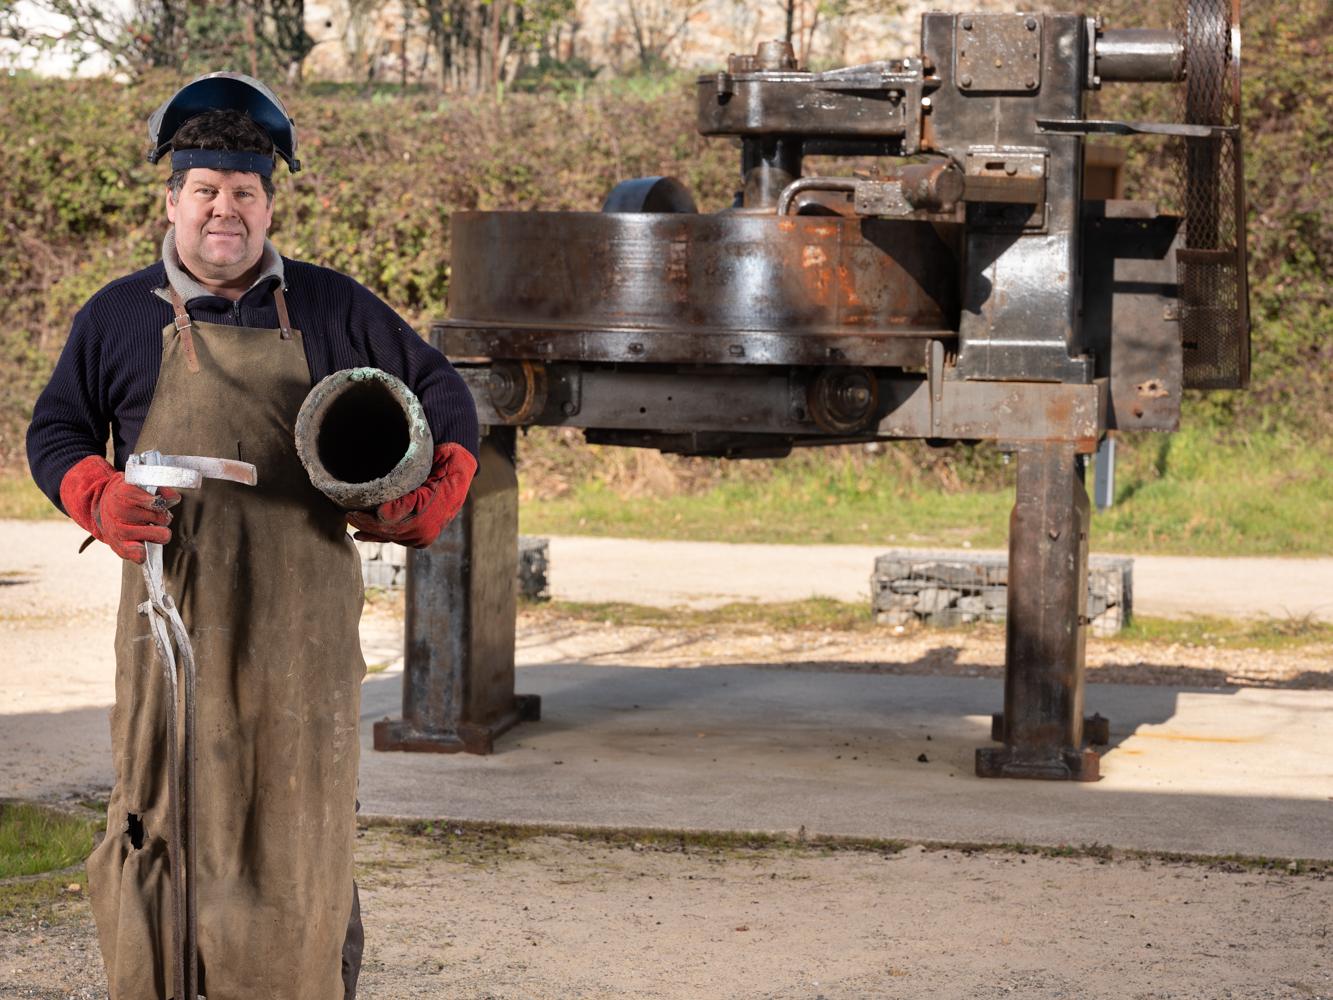 Richard Salles Fondeur, musée de la cloche Hérépian fondeur d usagers voie verte Parc naturel Haut-Languedoc région Occitanie